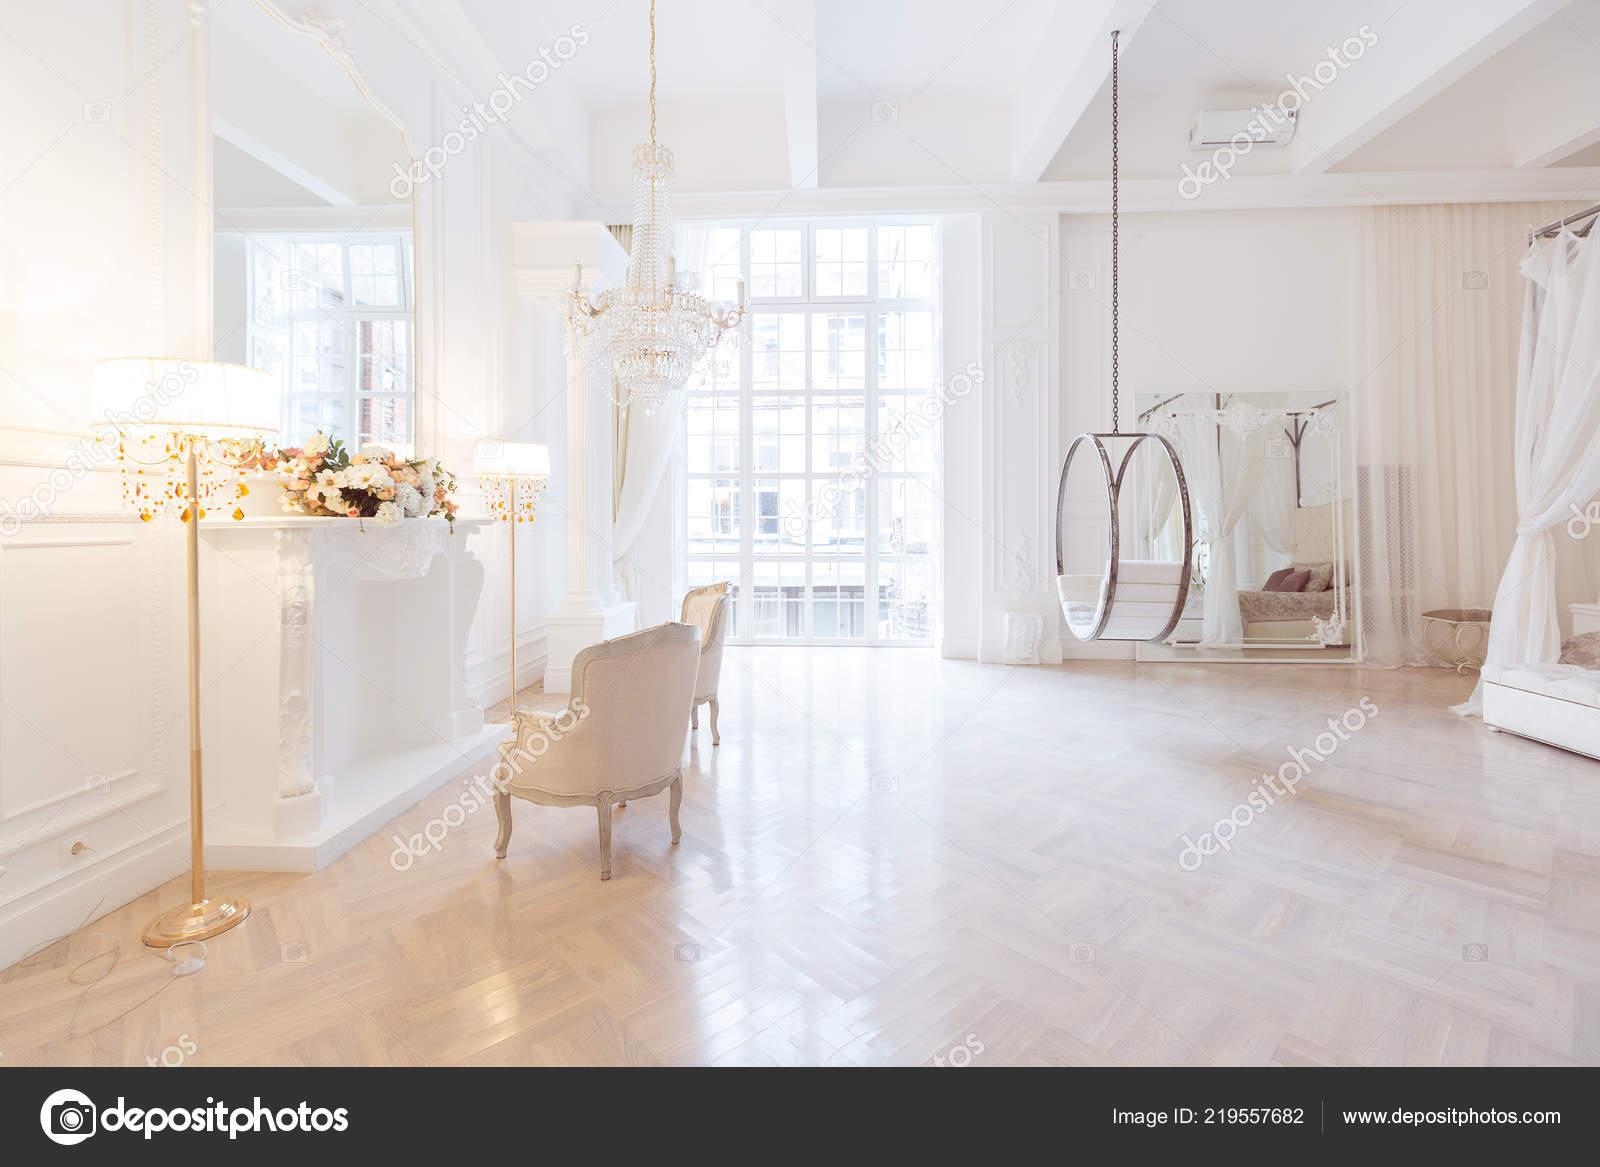 Luxe rijke slaapkamer interieur design met elegante klassieke